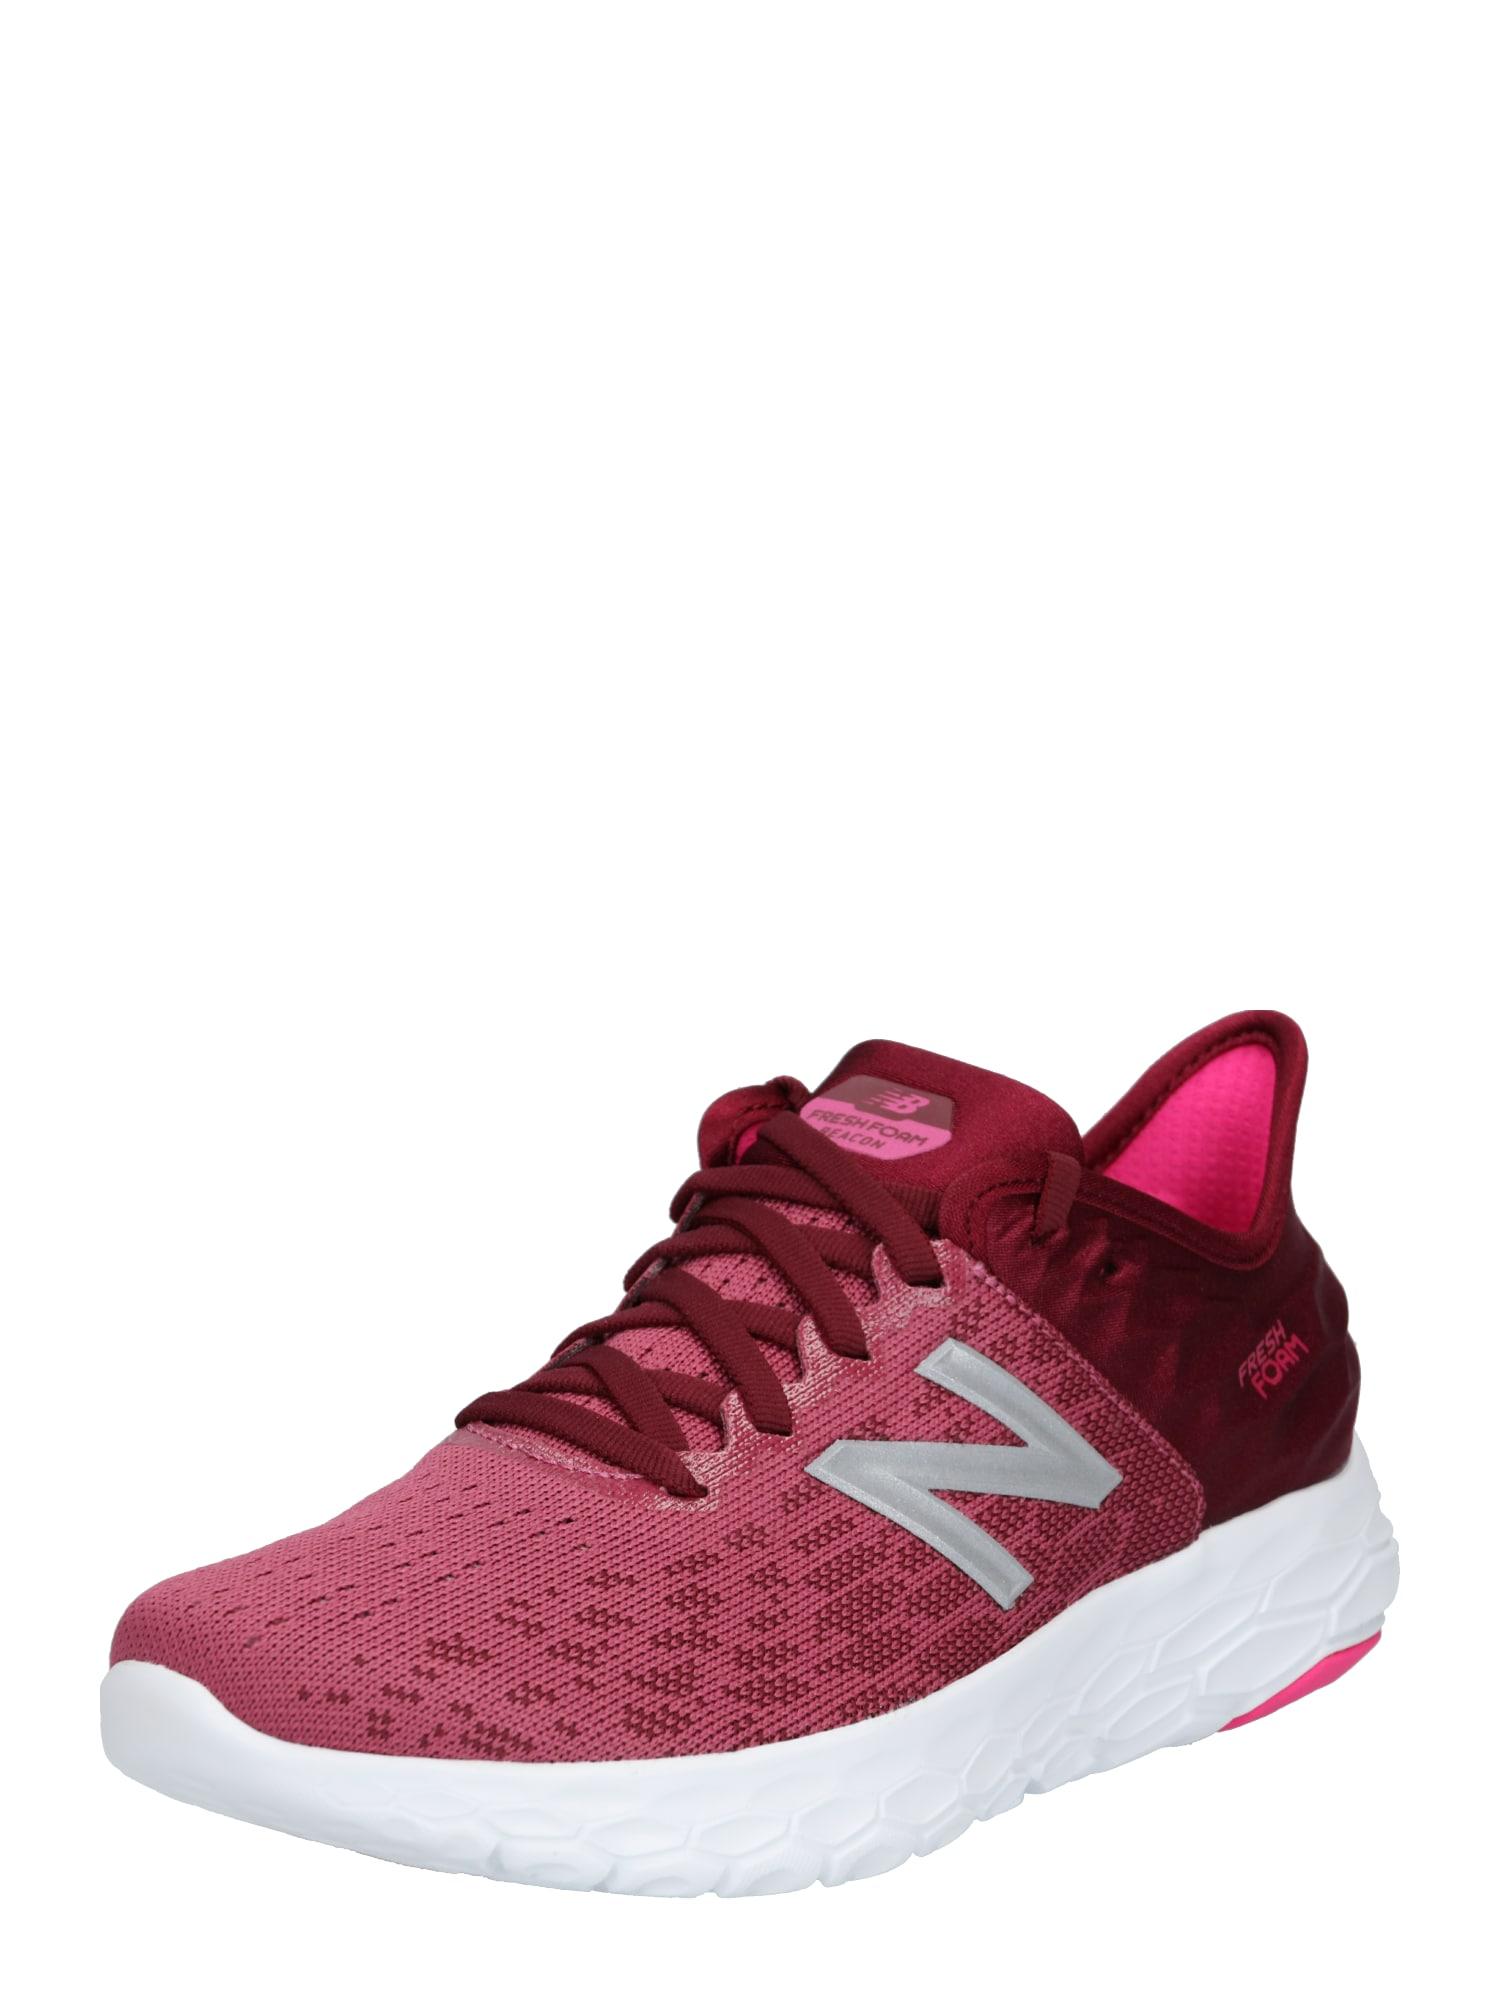 Sportovní boty Beacon v2 pink bílá New Balance